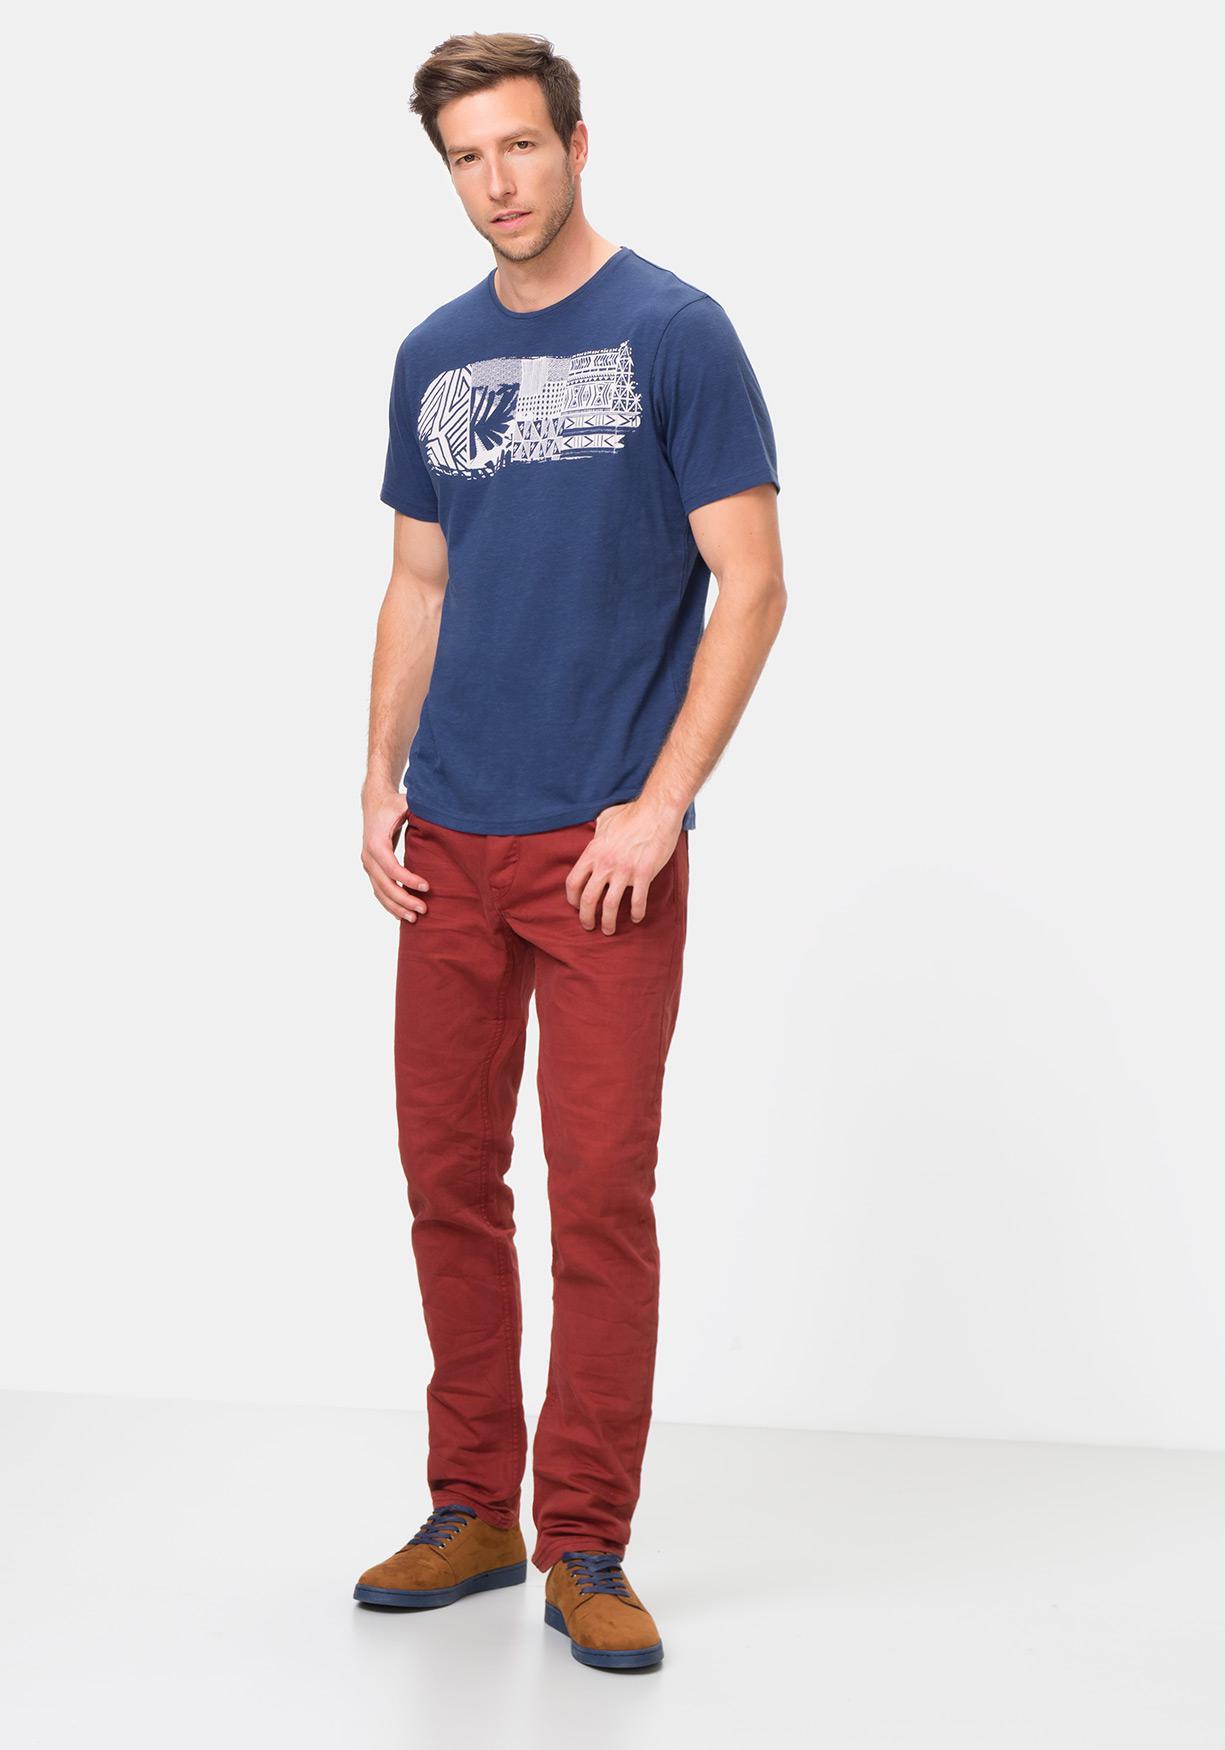 5cefa47d4 Comprar Pantalón de color TEX. ¡Aprovéchate de nuestros precios y ...